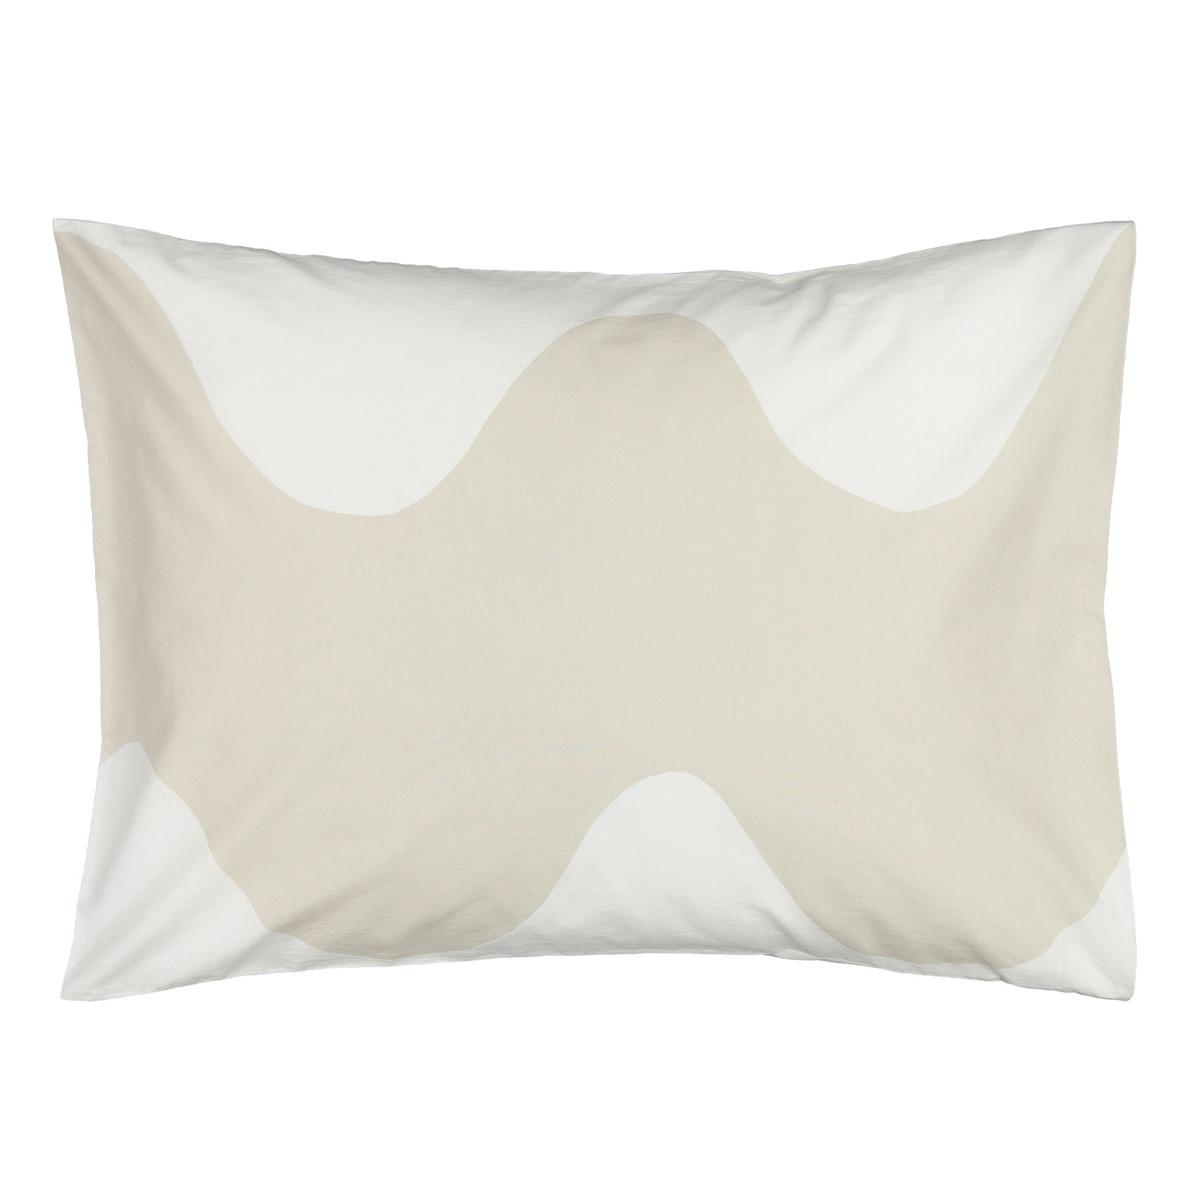 Marimekko Lokki Pillowcase 50 X 60 Cm, White - Beige